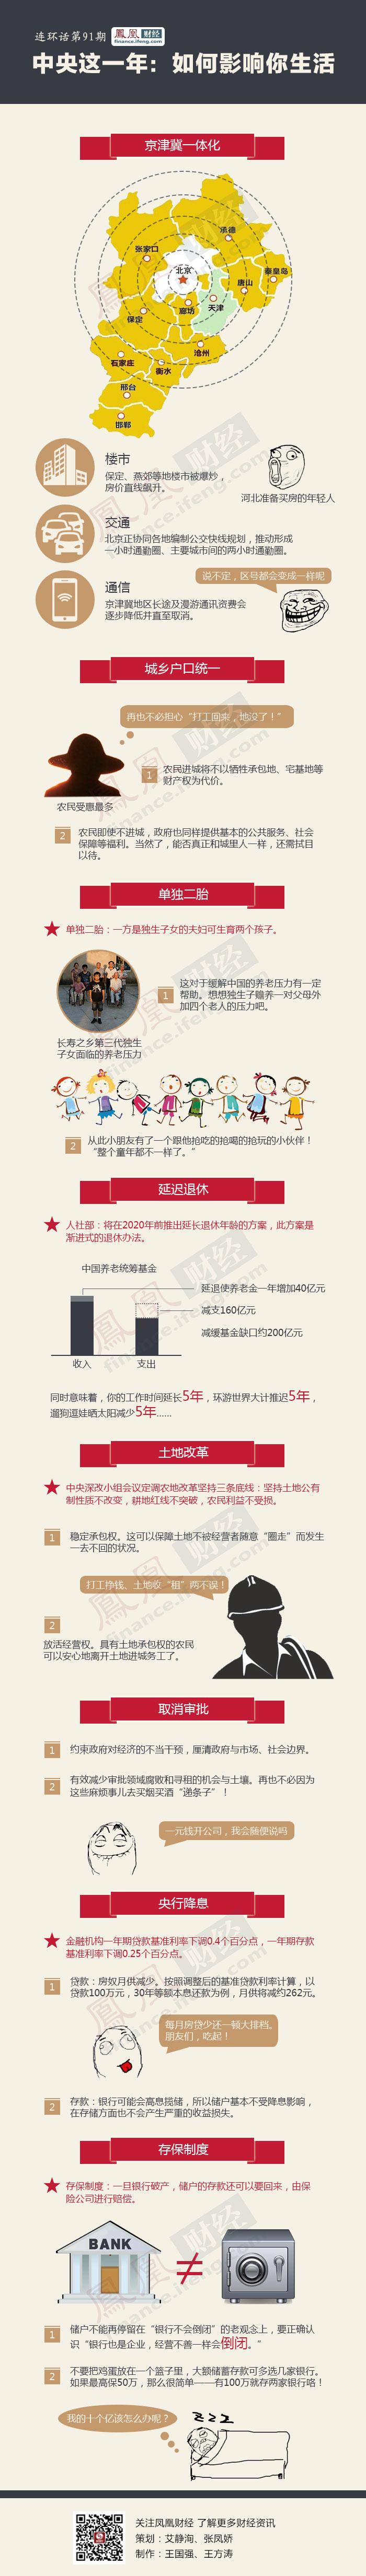 中央这一年,如何影响你的生活 - li-han163 - 李 晗